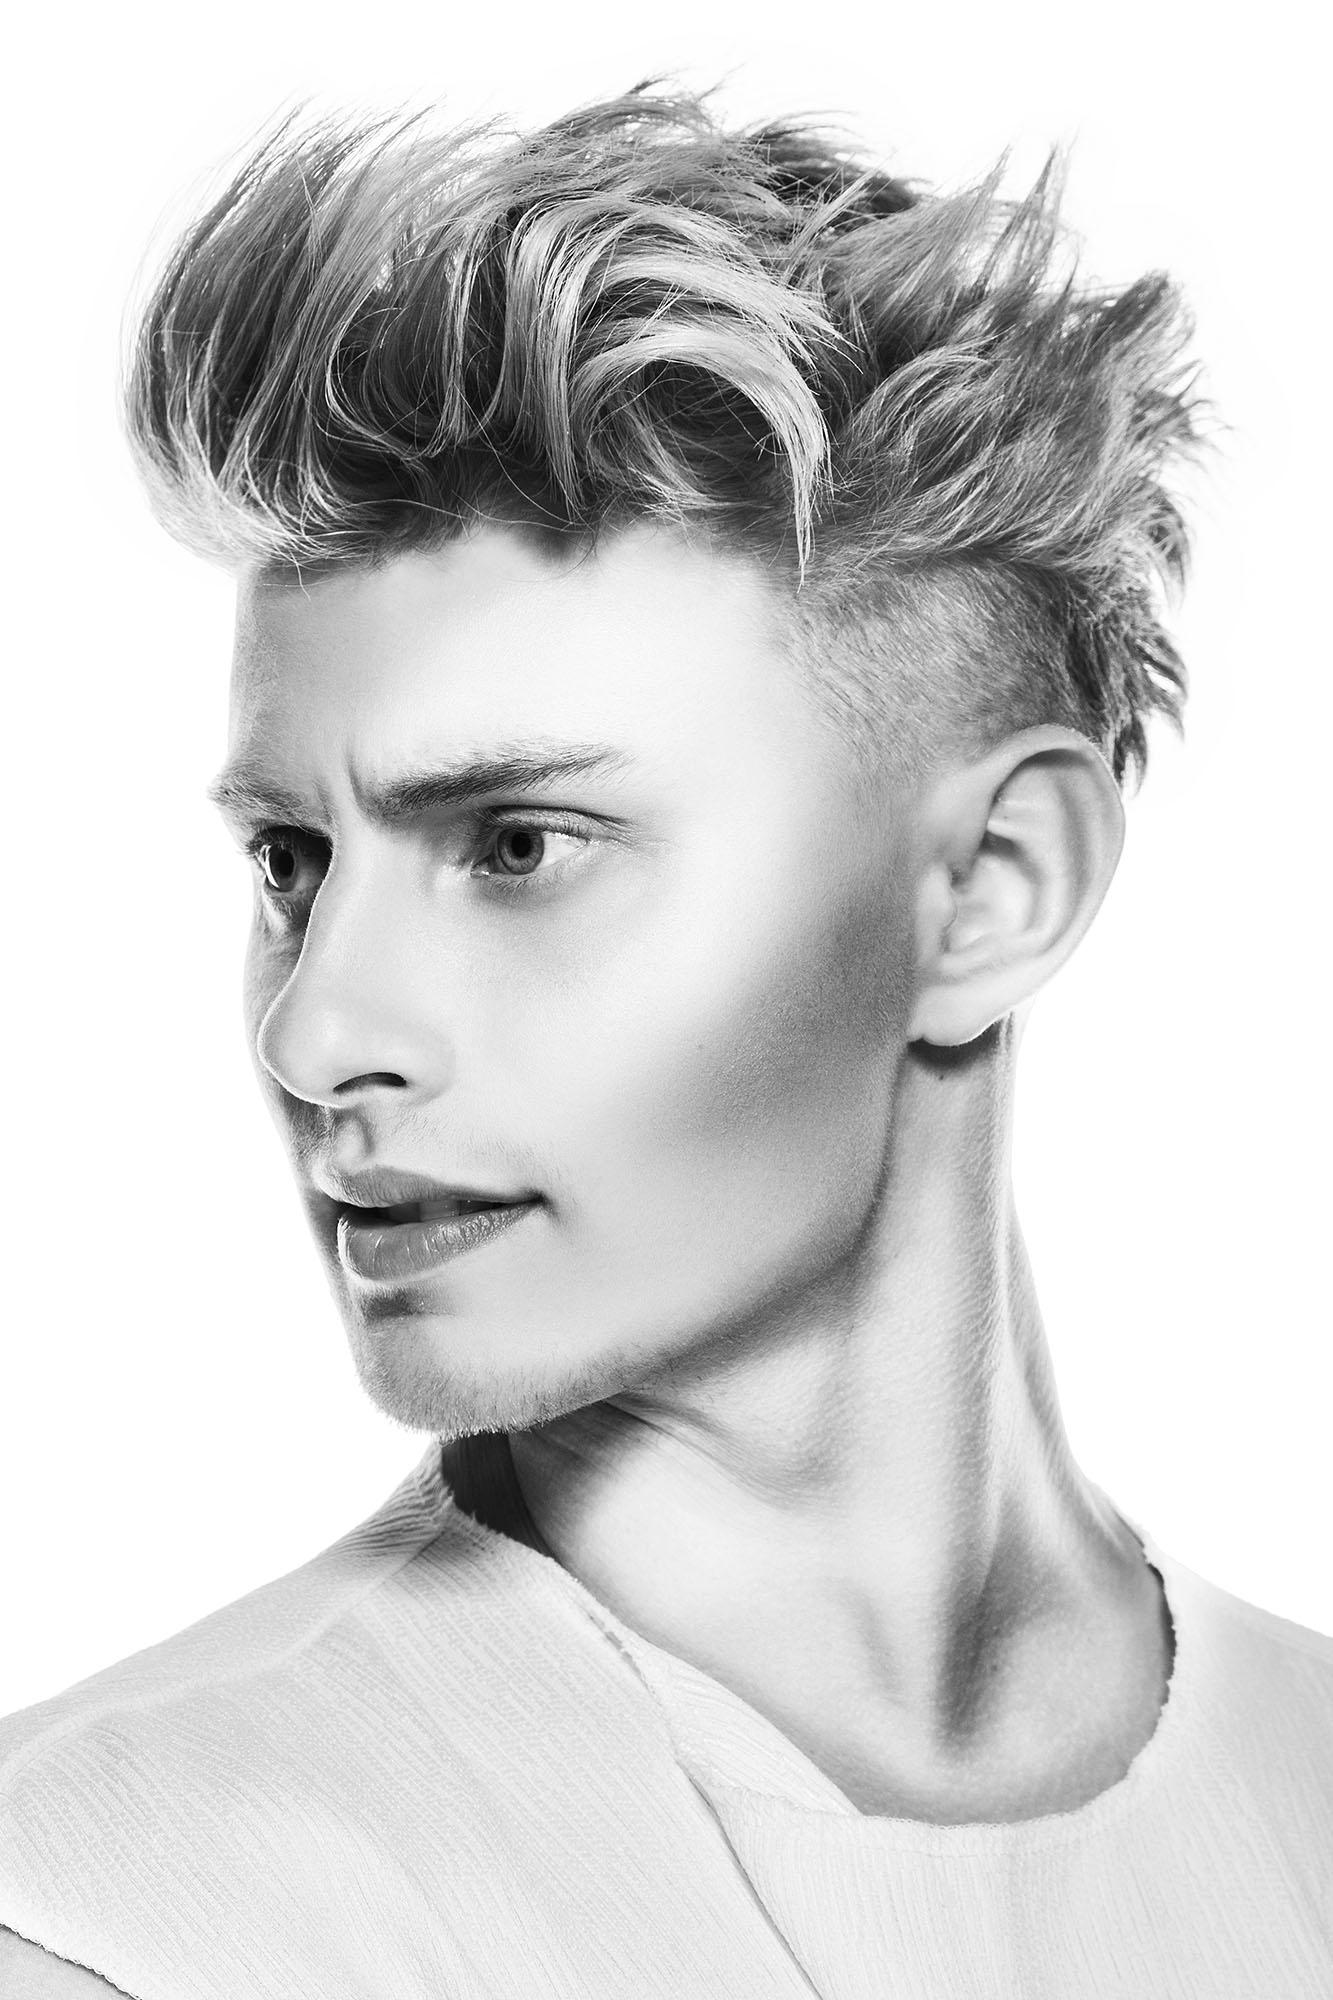 Foto taglio capelli uomo rasato ai lati e lunghi sopra 2018